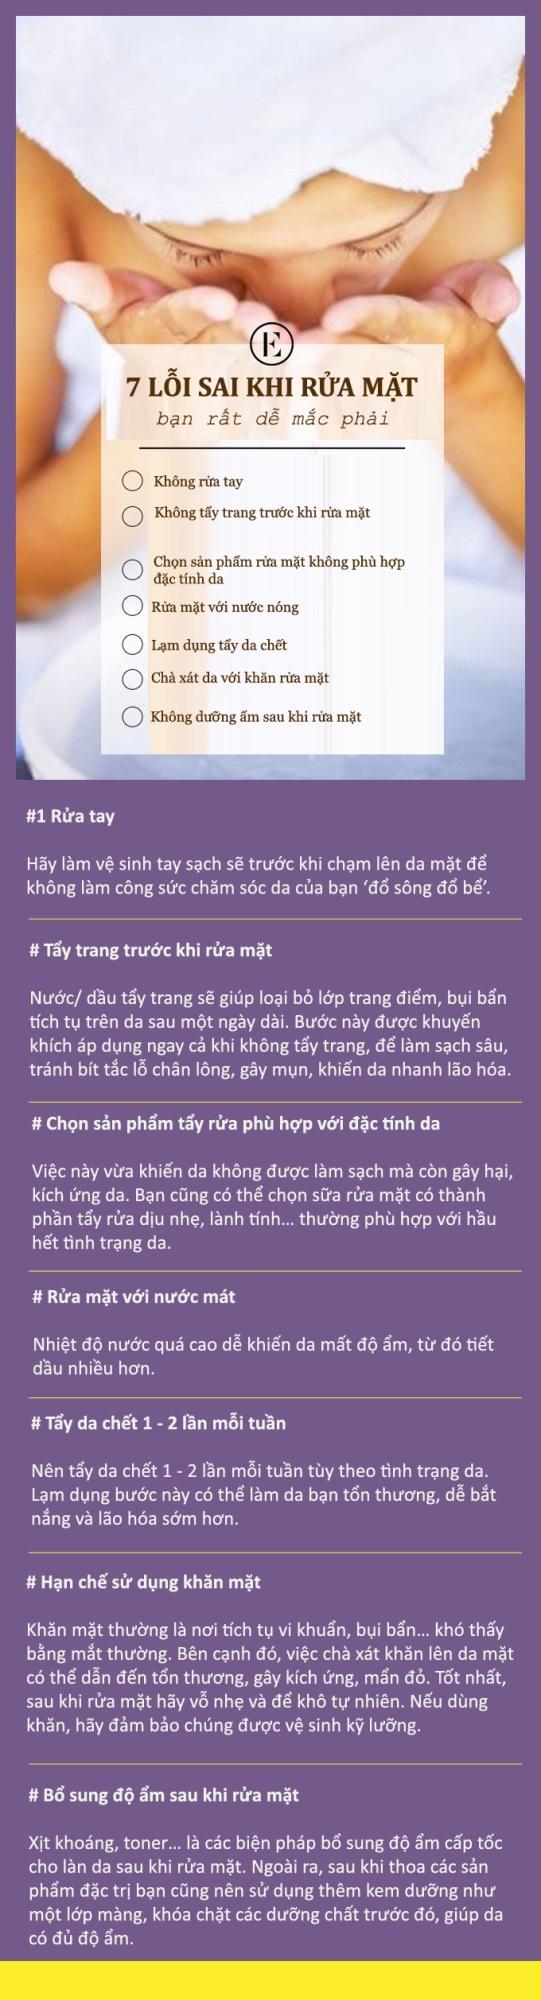 7 lỗi thường gặp khi rửa mặt - Ảnh 1